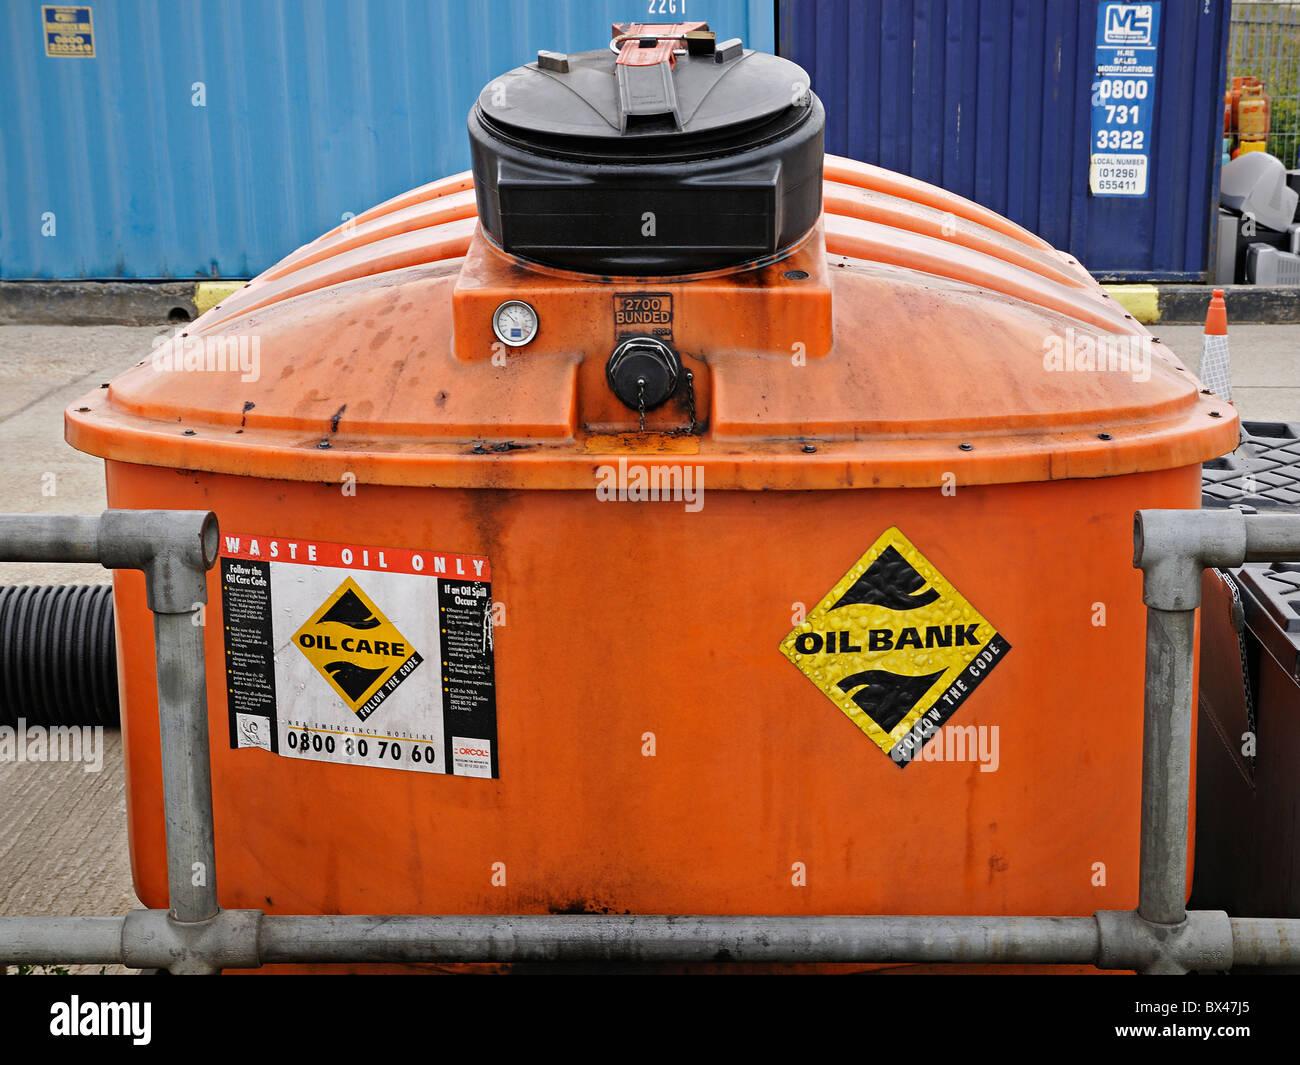 Banca di olio in corrispondenza di un riciclaggio e gestione dei rifiuti centro, UK. Immagini Stock